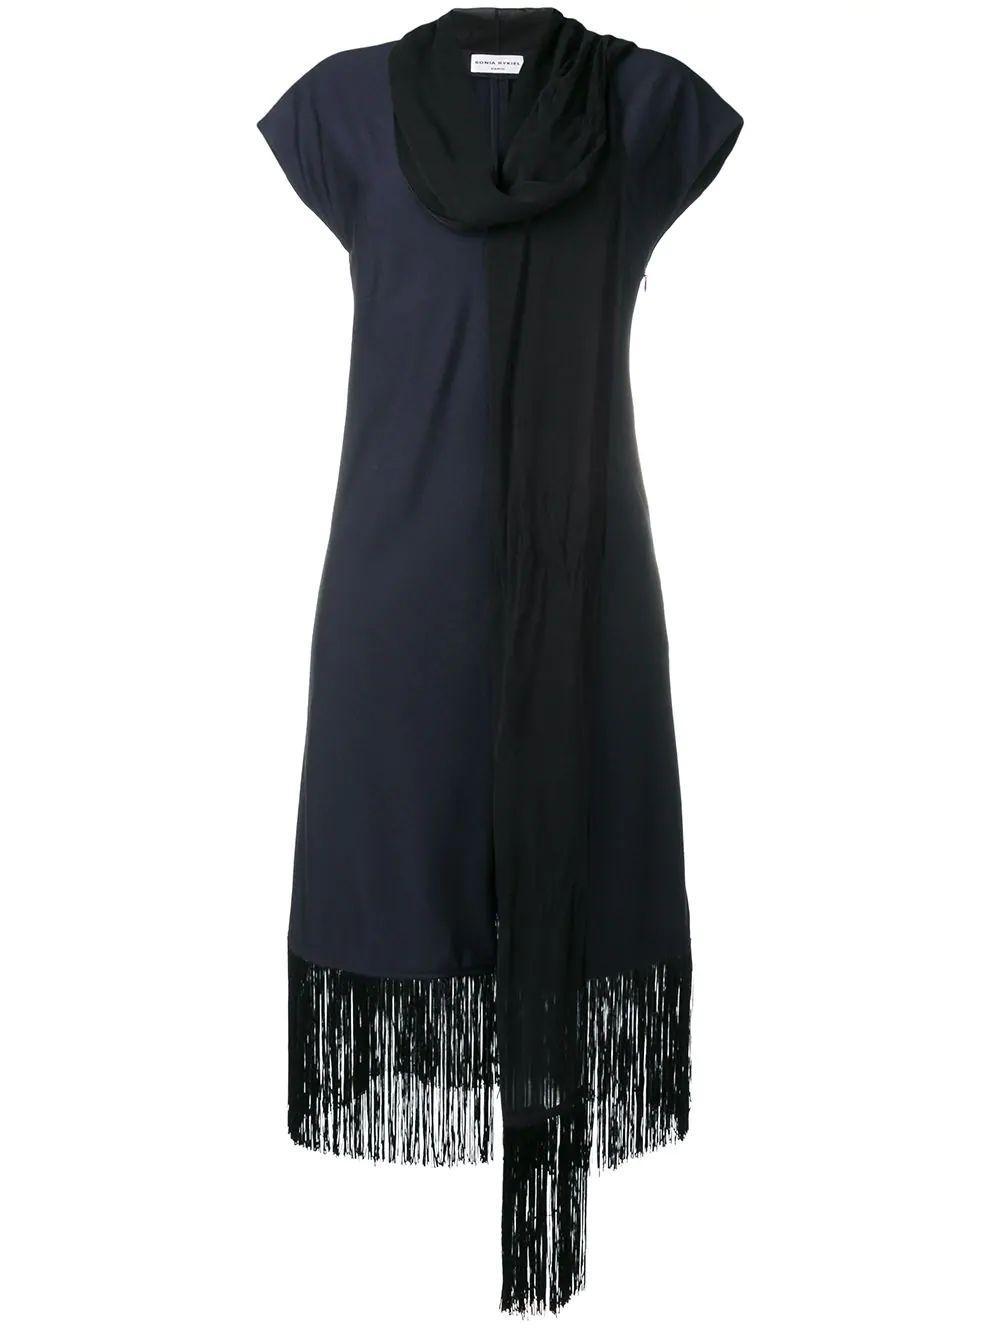 Dress With Fringe Drape Item # 13202407-5